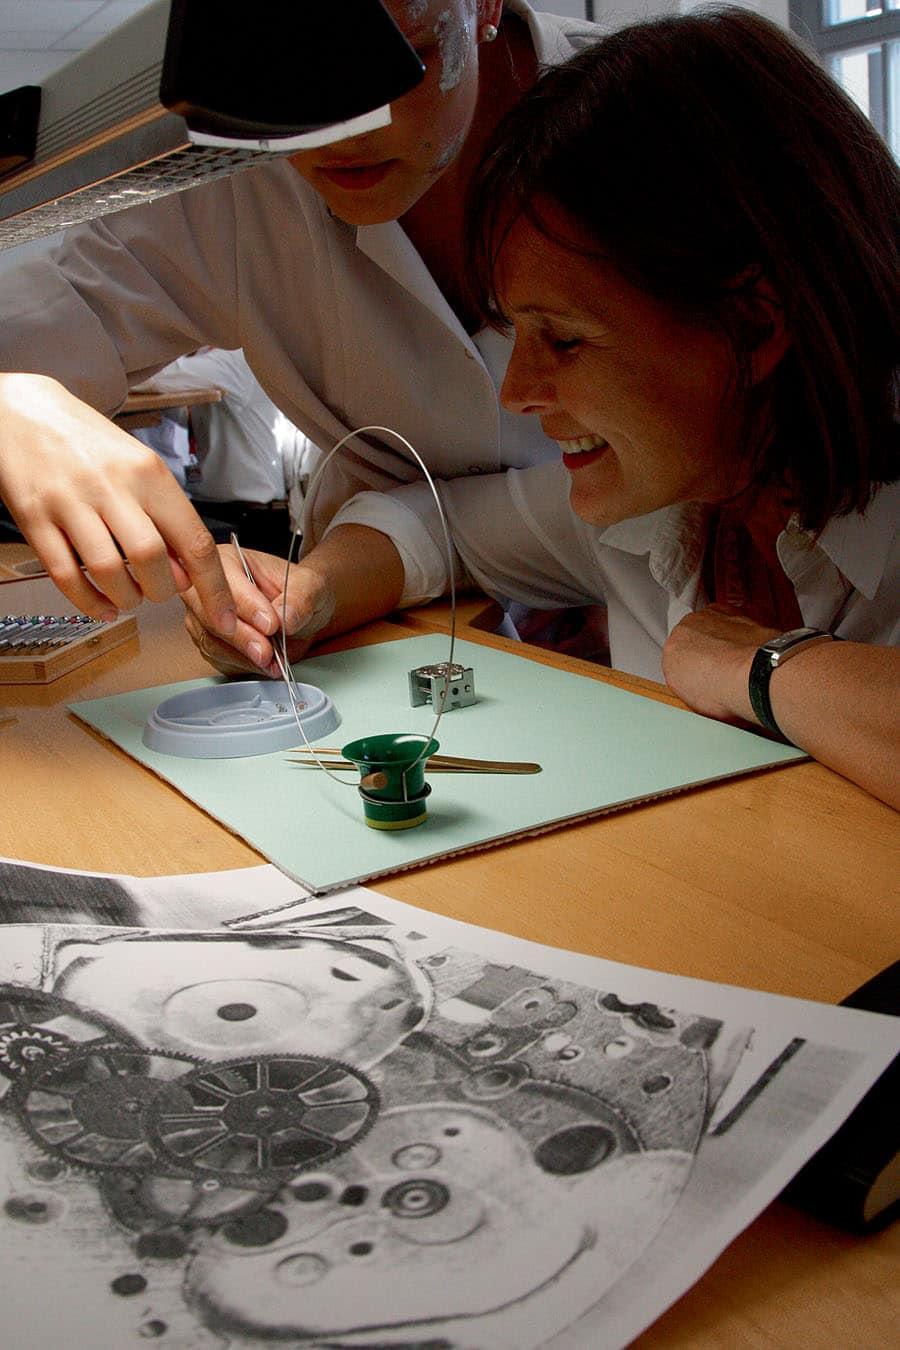 Die UHRENMAGAZIN-Leser dürfen sich in der Uhrmacherschule Alfred Helwig von Glashütte Original unter Anleitung selbst an einem Werk versuchen